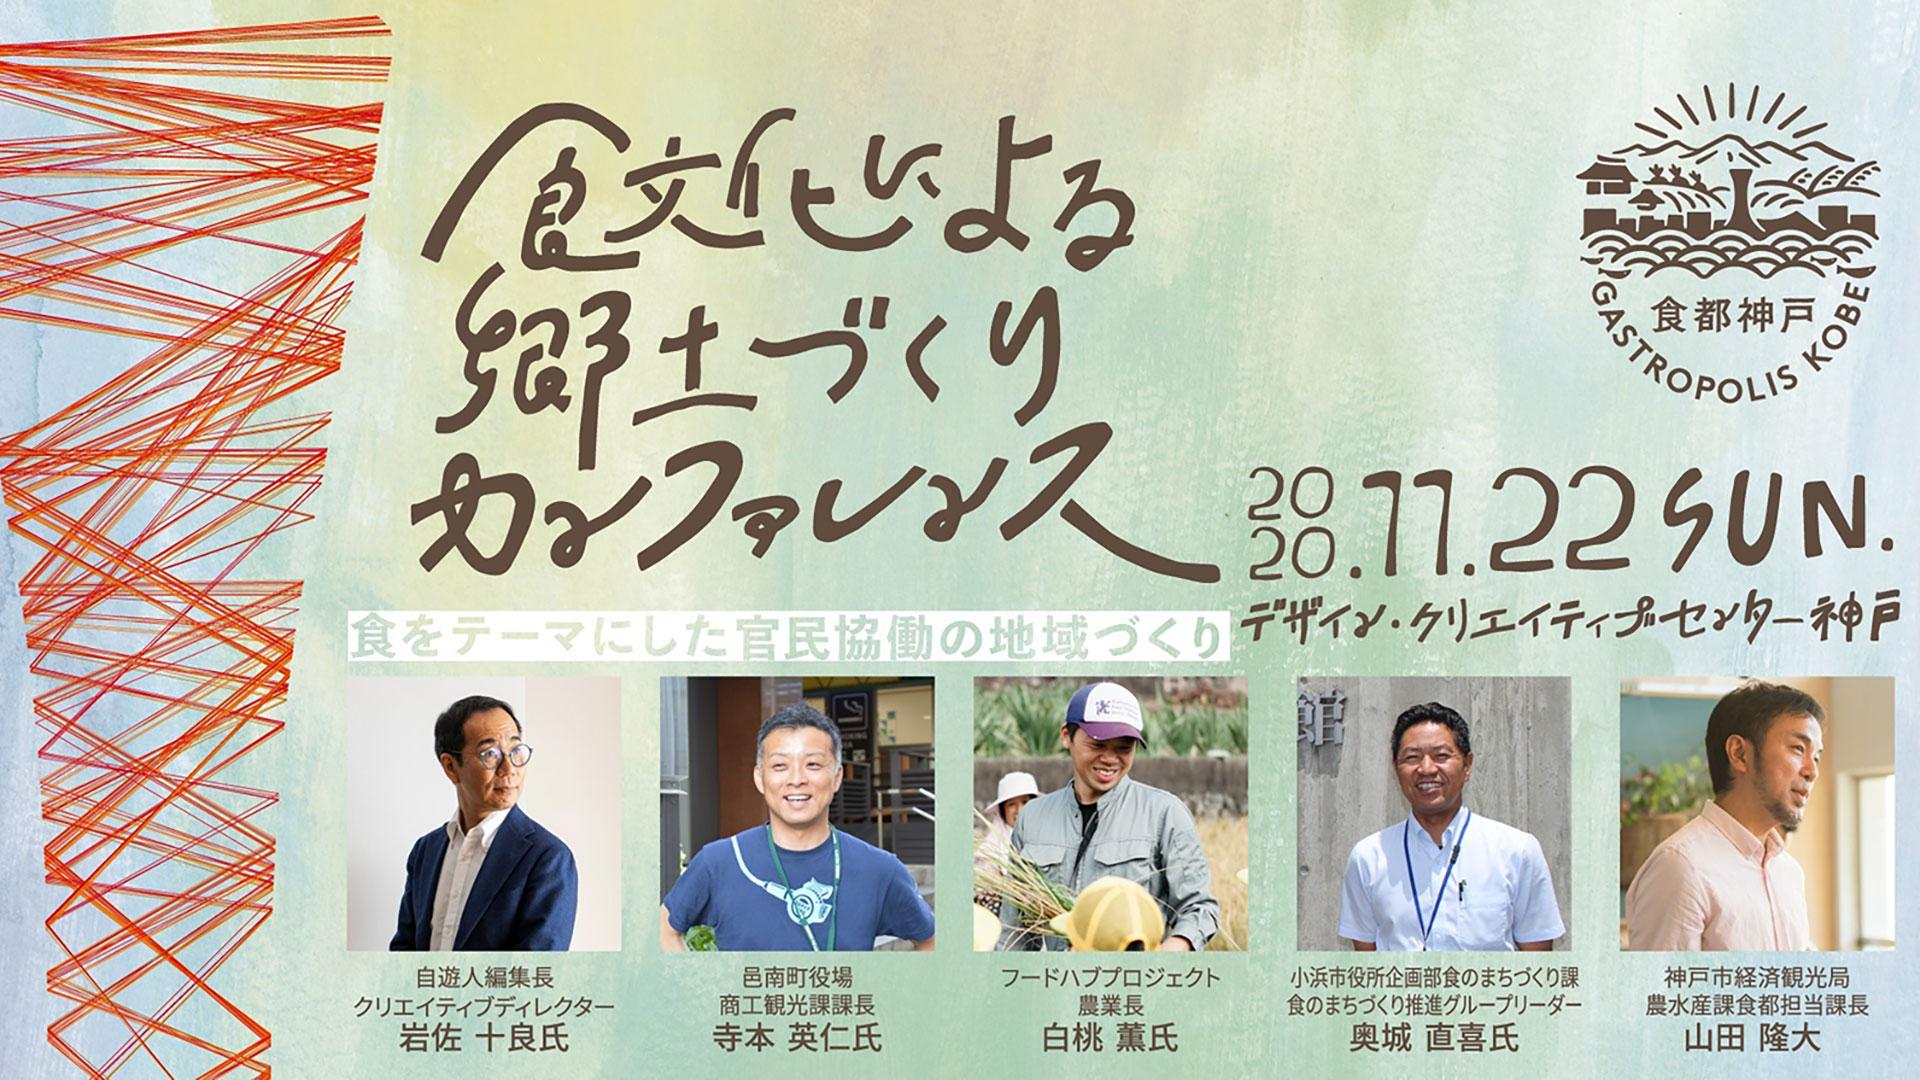 豊かな食の郷土づくり研究会カンファレンス&瀬戸内経済文化圏FOOD SUMMIT